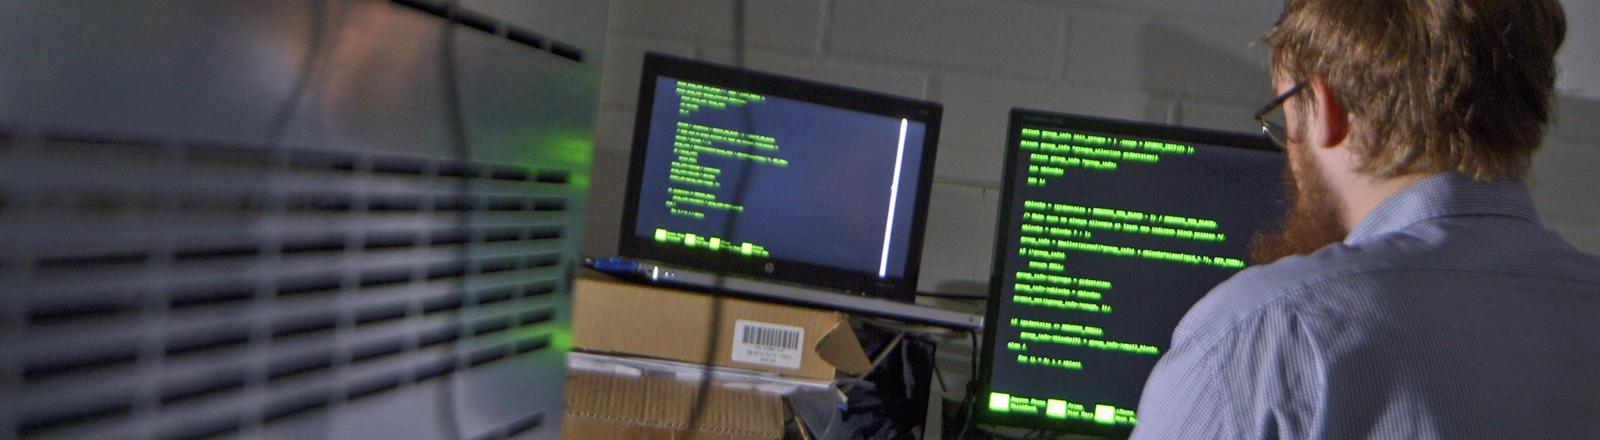 Ein Mann arbeitet in einem Serverraum an einem Computer und tippt so vor sich hin.